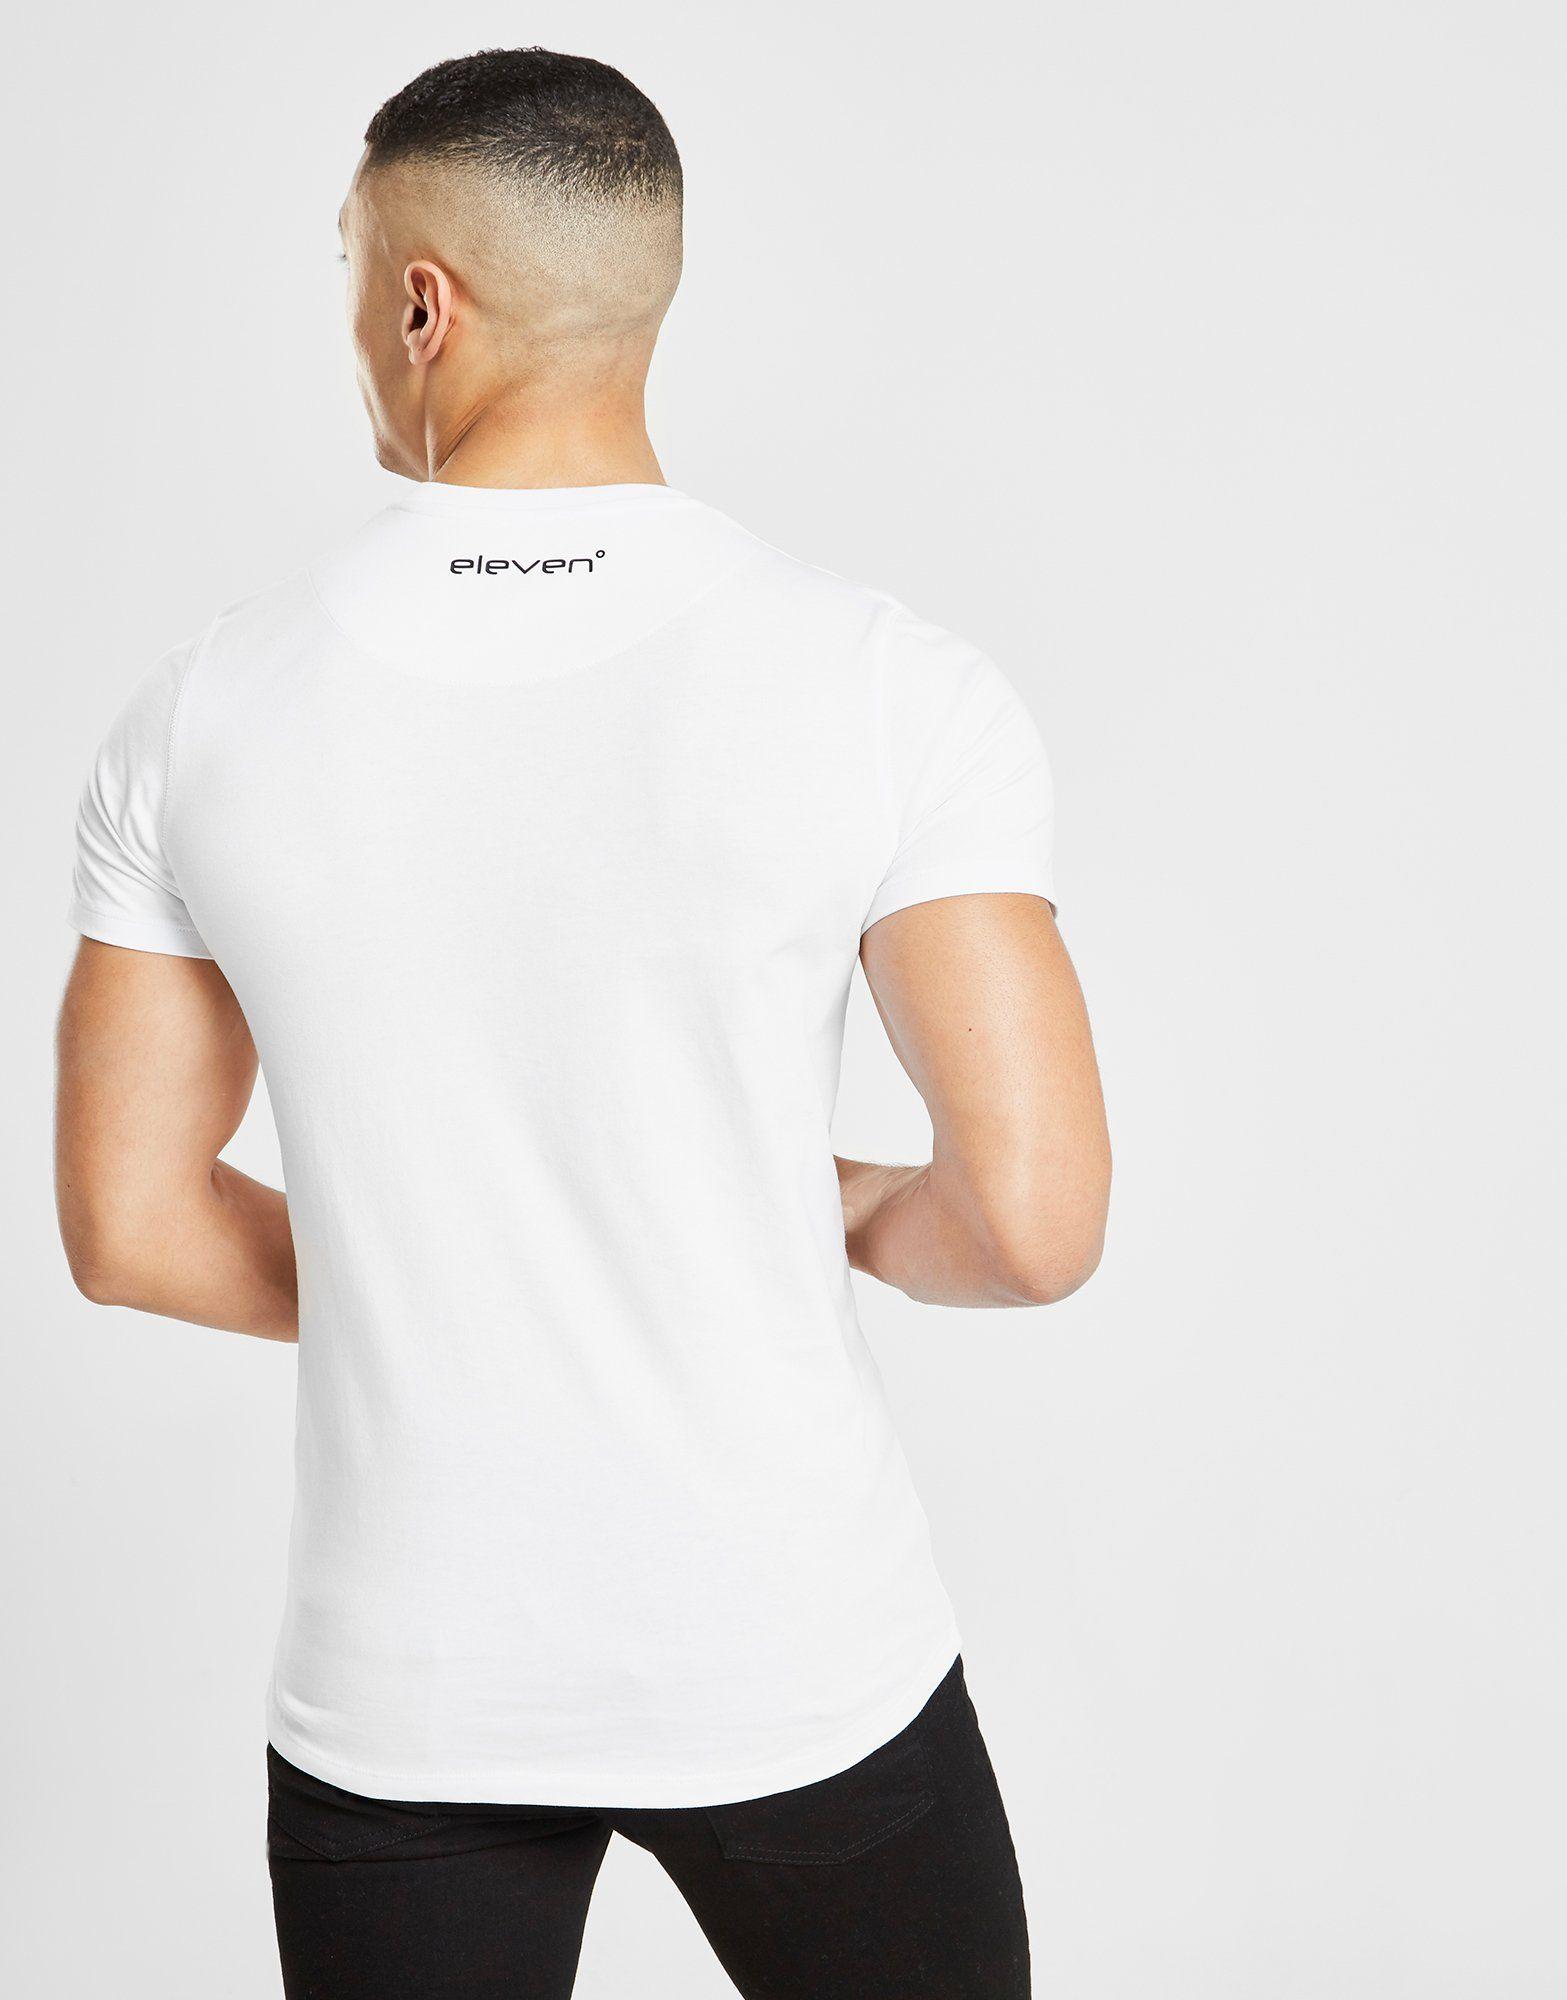 Auslass Niedrig Versandkosten 11 Degrees Core T-Shirt Weiss Spielraum Nicekicks Wählen Sie Einen Besten Günstigen Preis Billig Verkauf 2018 Neue Finden Große Günstig Online ehfvkdC